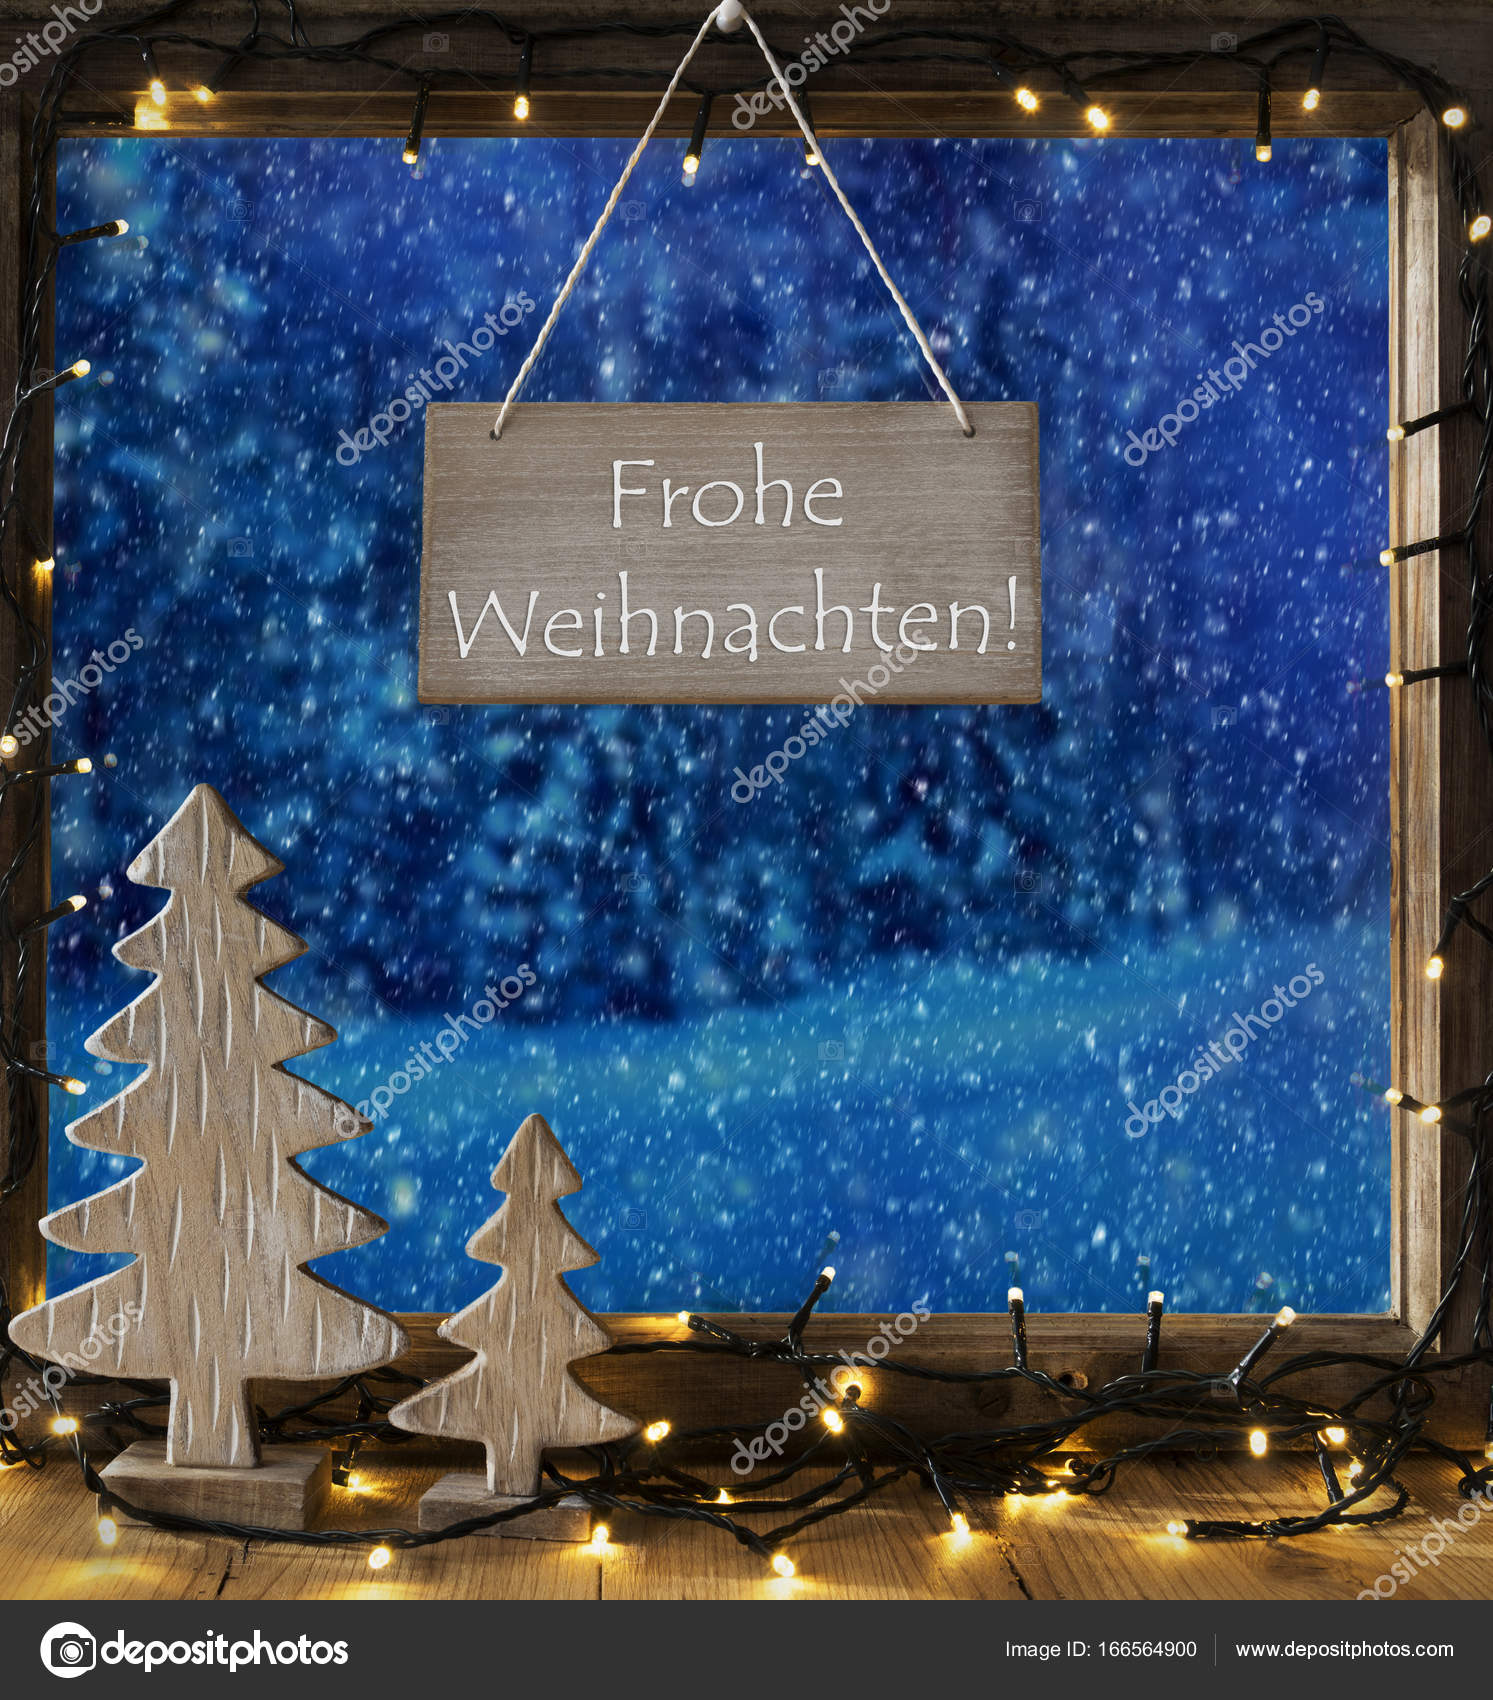 Fenster, Winterwald, Frohe Wohnaccesoires bedeutet Frohe Weihnachten ...